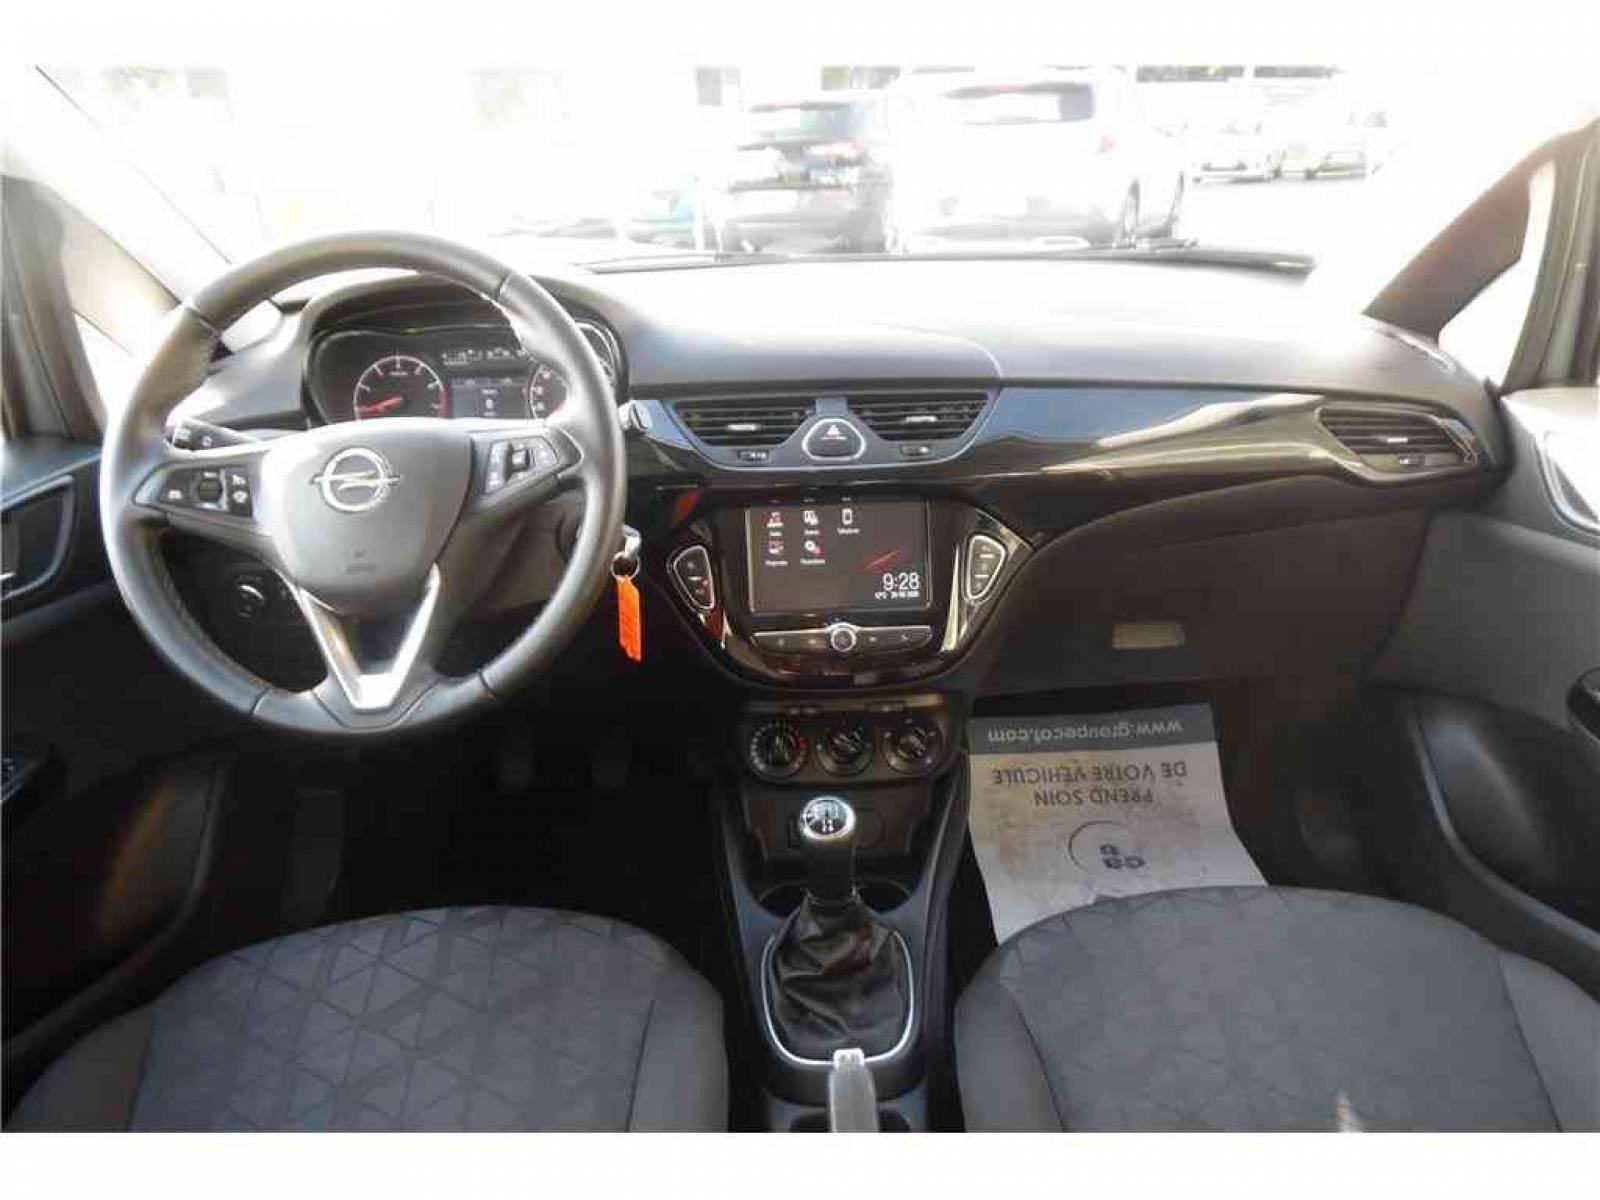 OPEL Corsa 1.4 90 ch - véhicule d'occasion - Groupe Guillet - Opel Magicauto - Montceau-les-Mines - 71300 - Montceau-les-Mines - 27